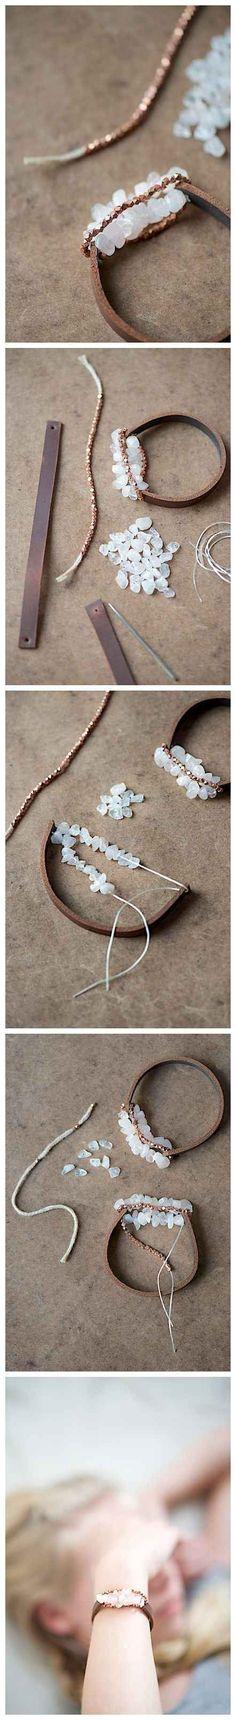 Chunky Leather Bracelet   24 Super Easy DIY Bracelets: